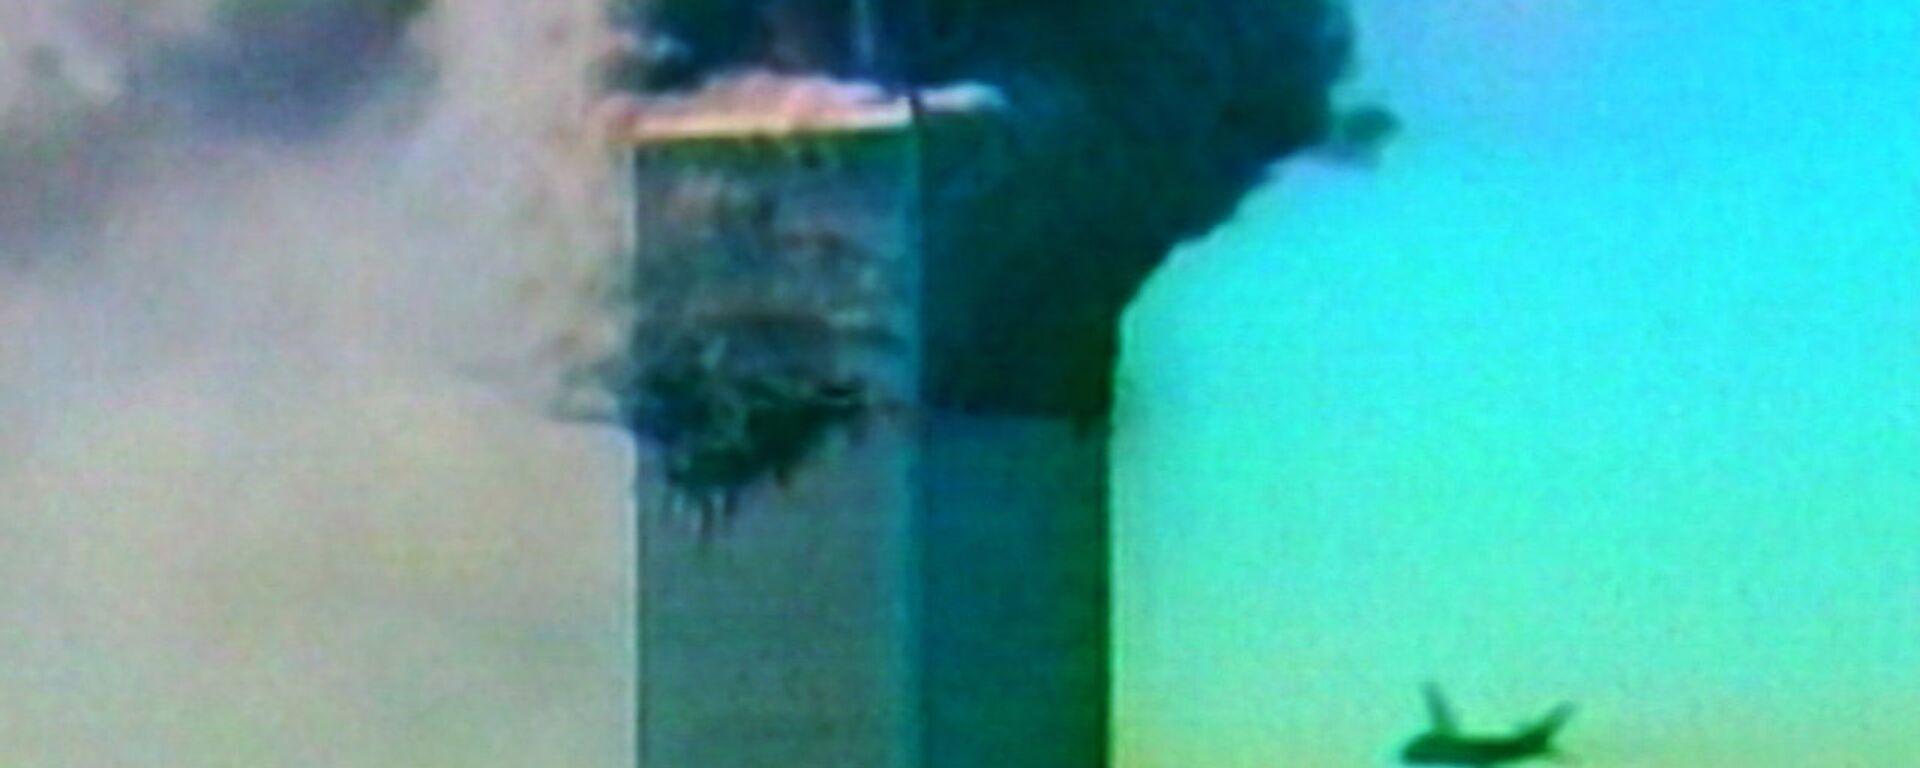 K největšímu teroristickému útoku ve světových dějinách došlo v New Yorku 11. září 2001 - Sputnik Česká republika, 1920, 11.09.2020